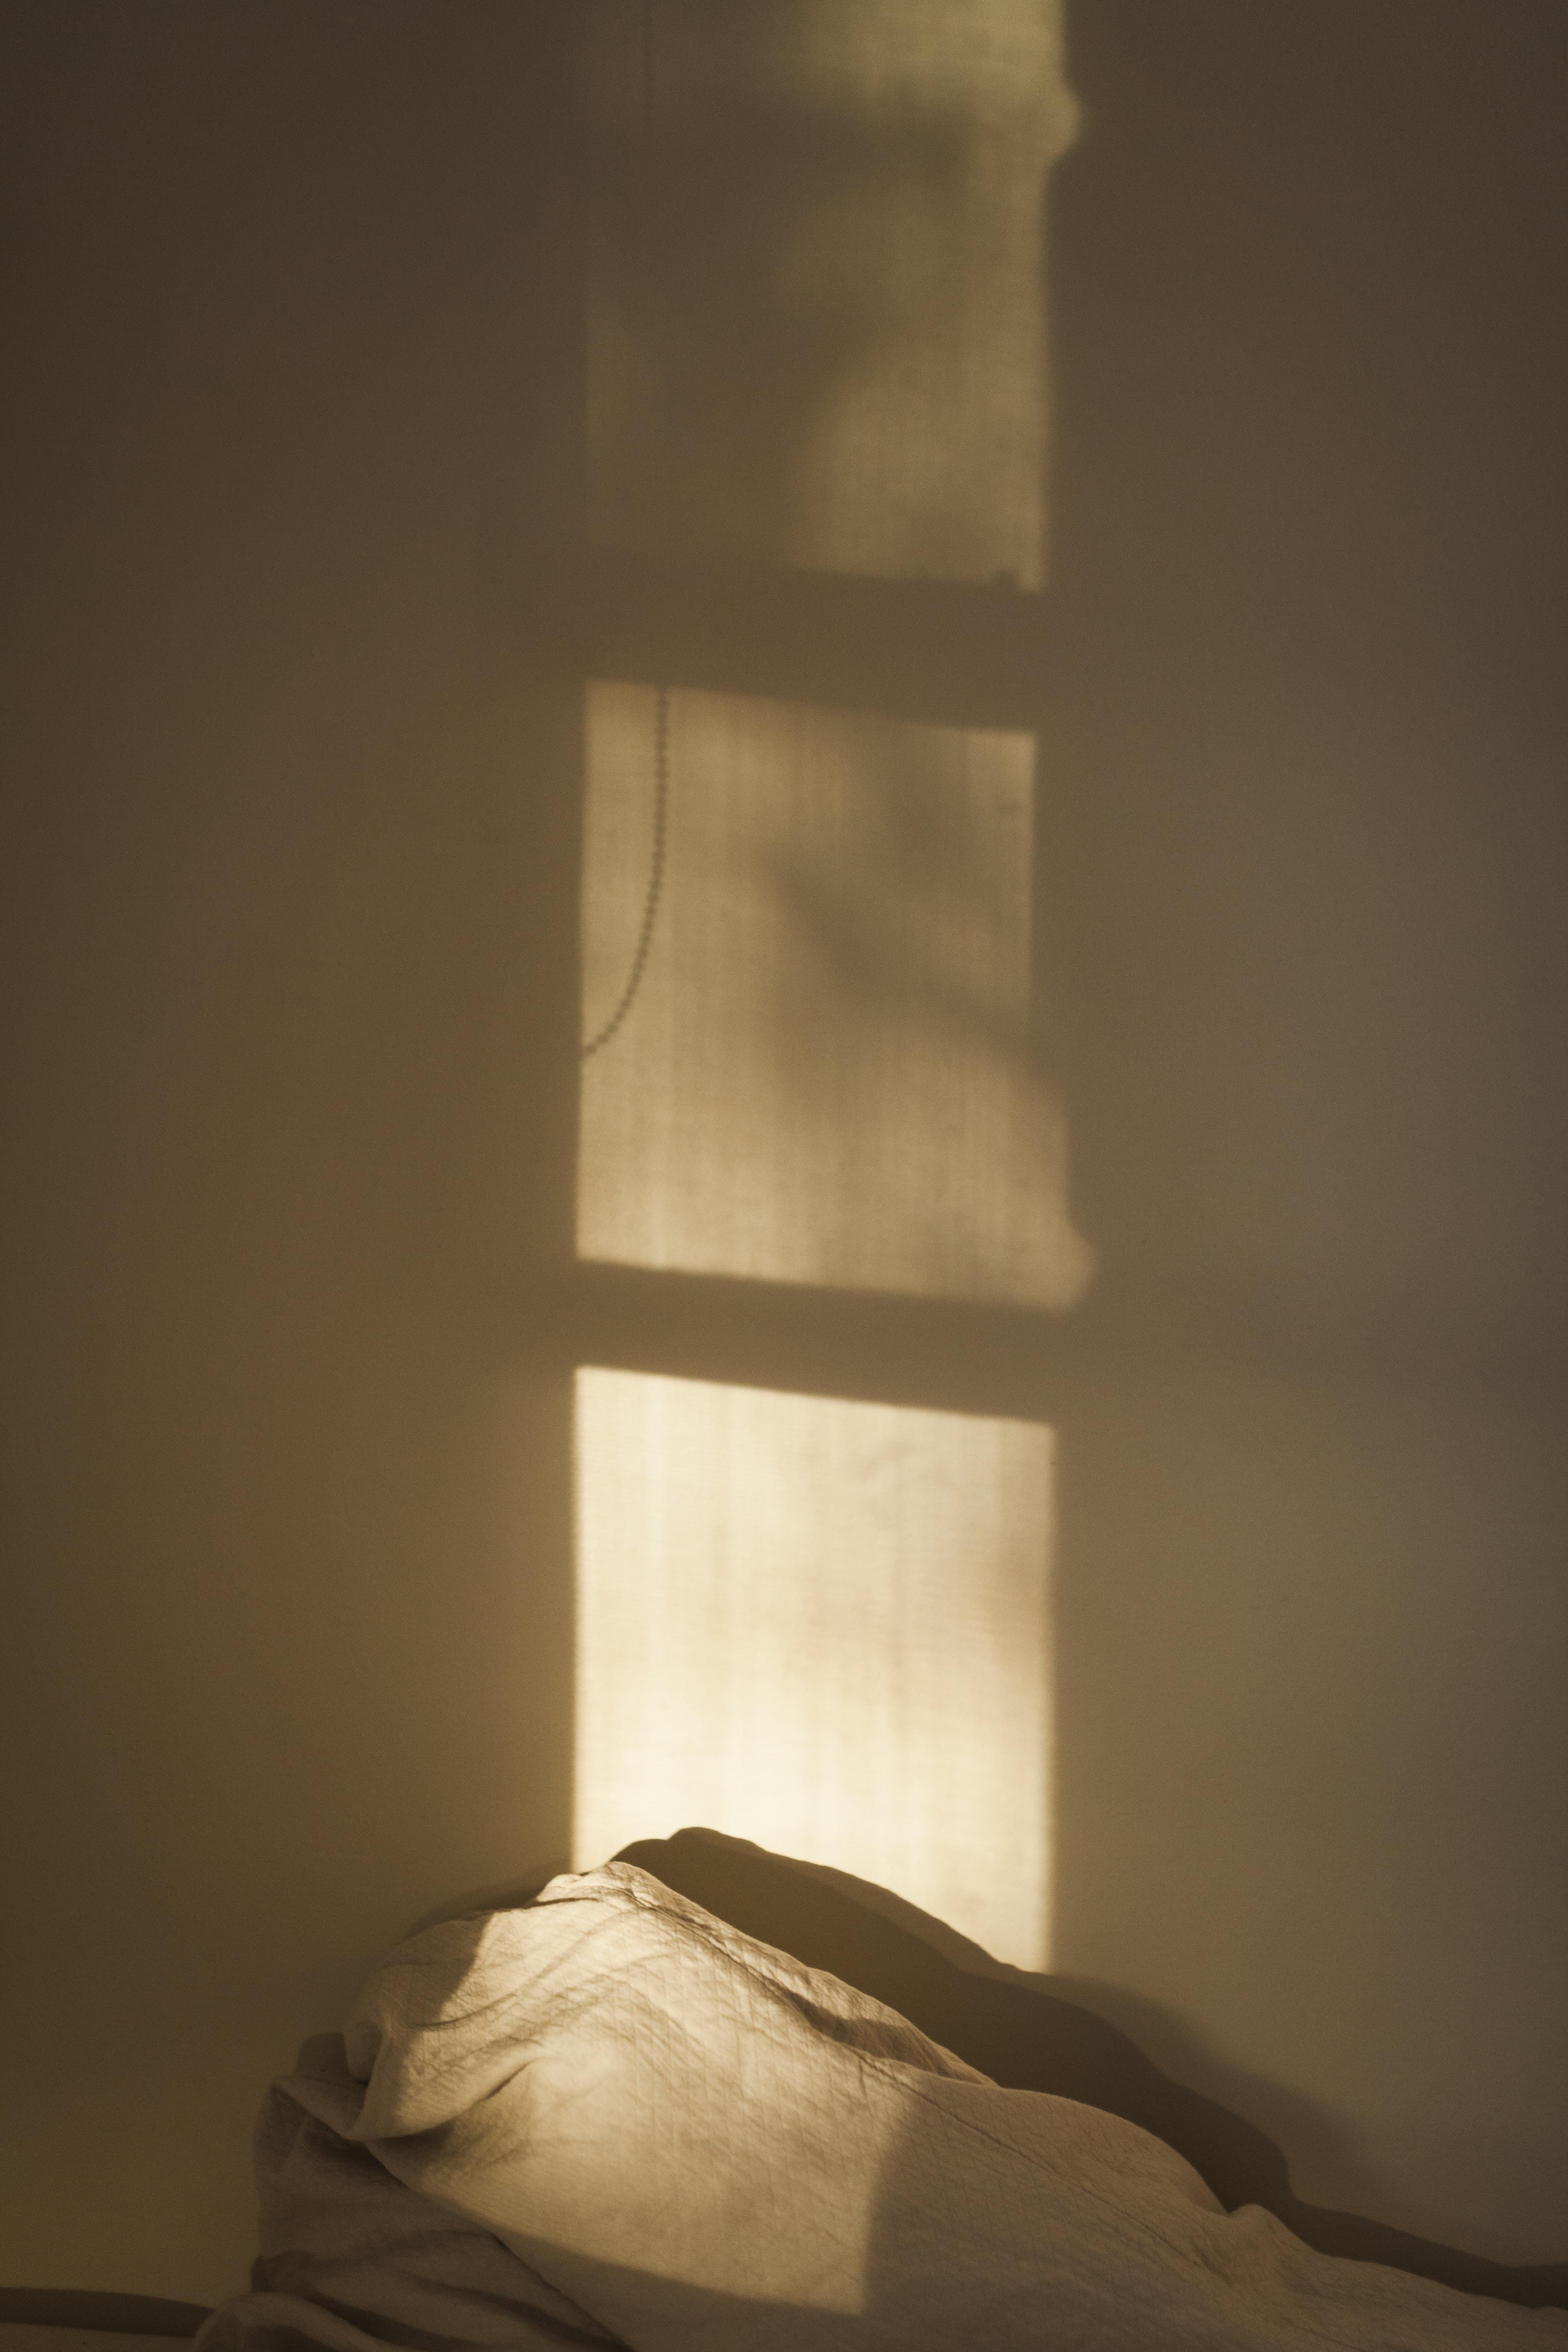 window shadow on wall